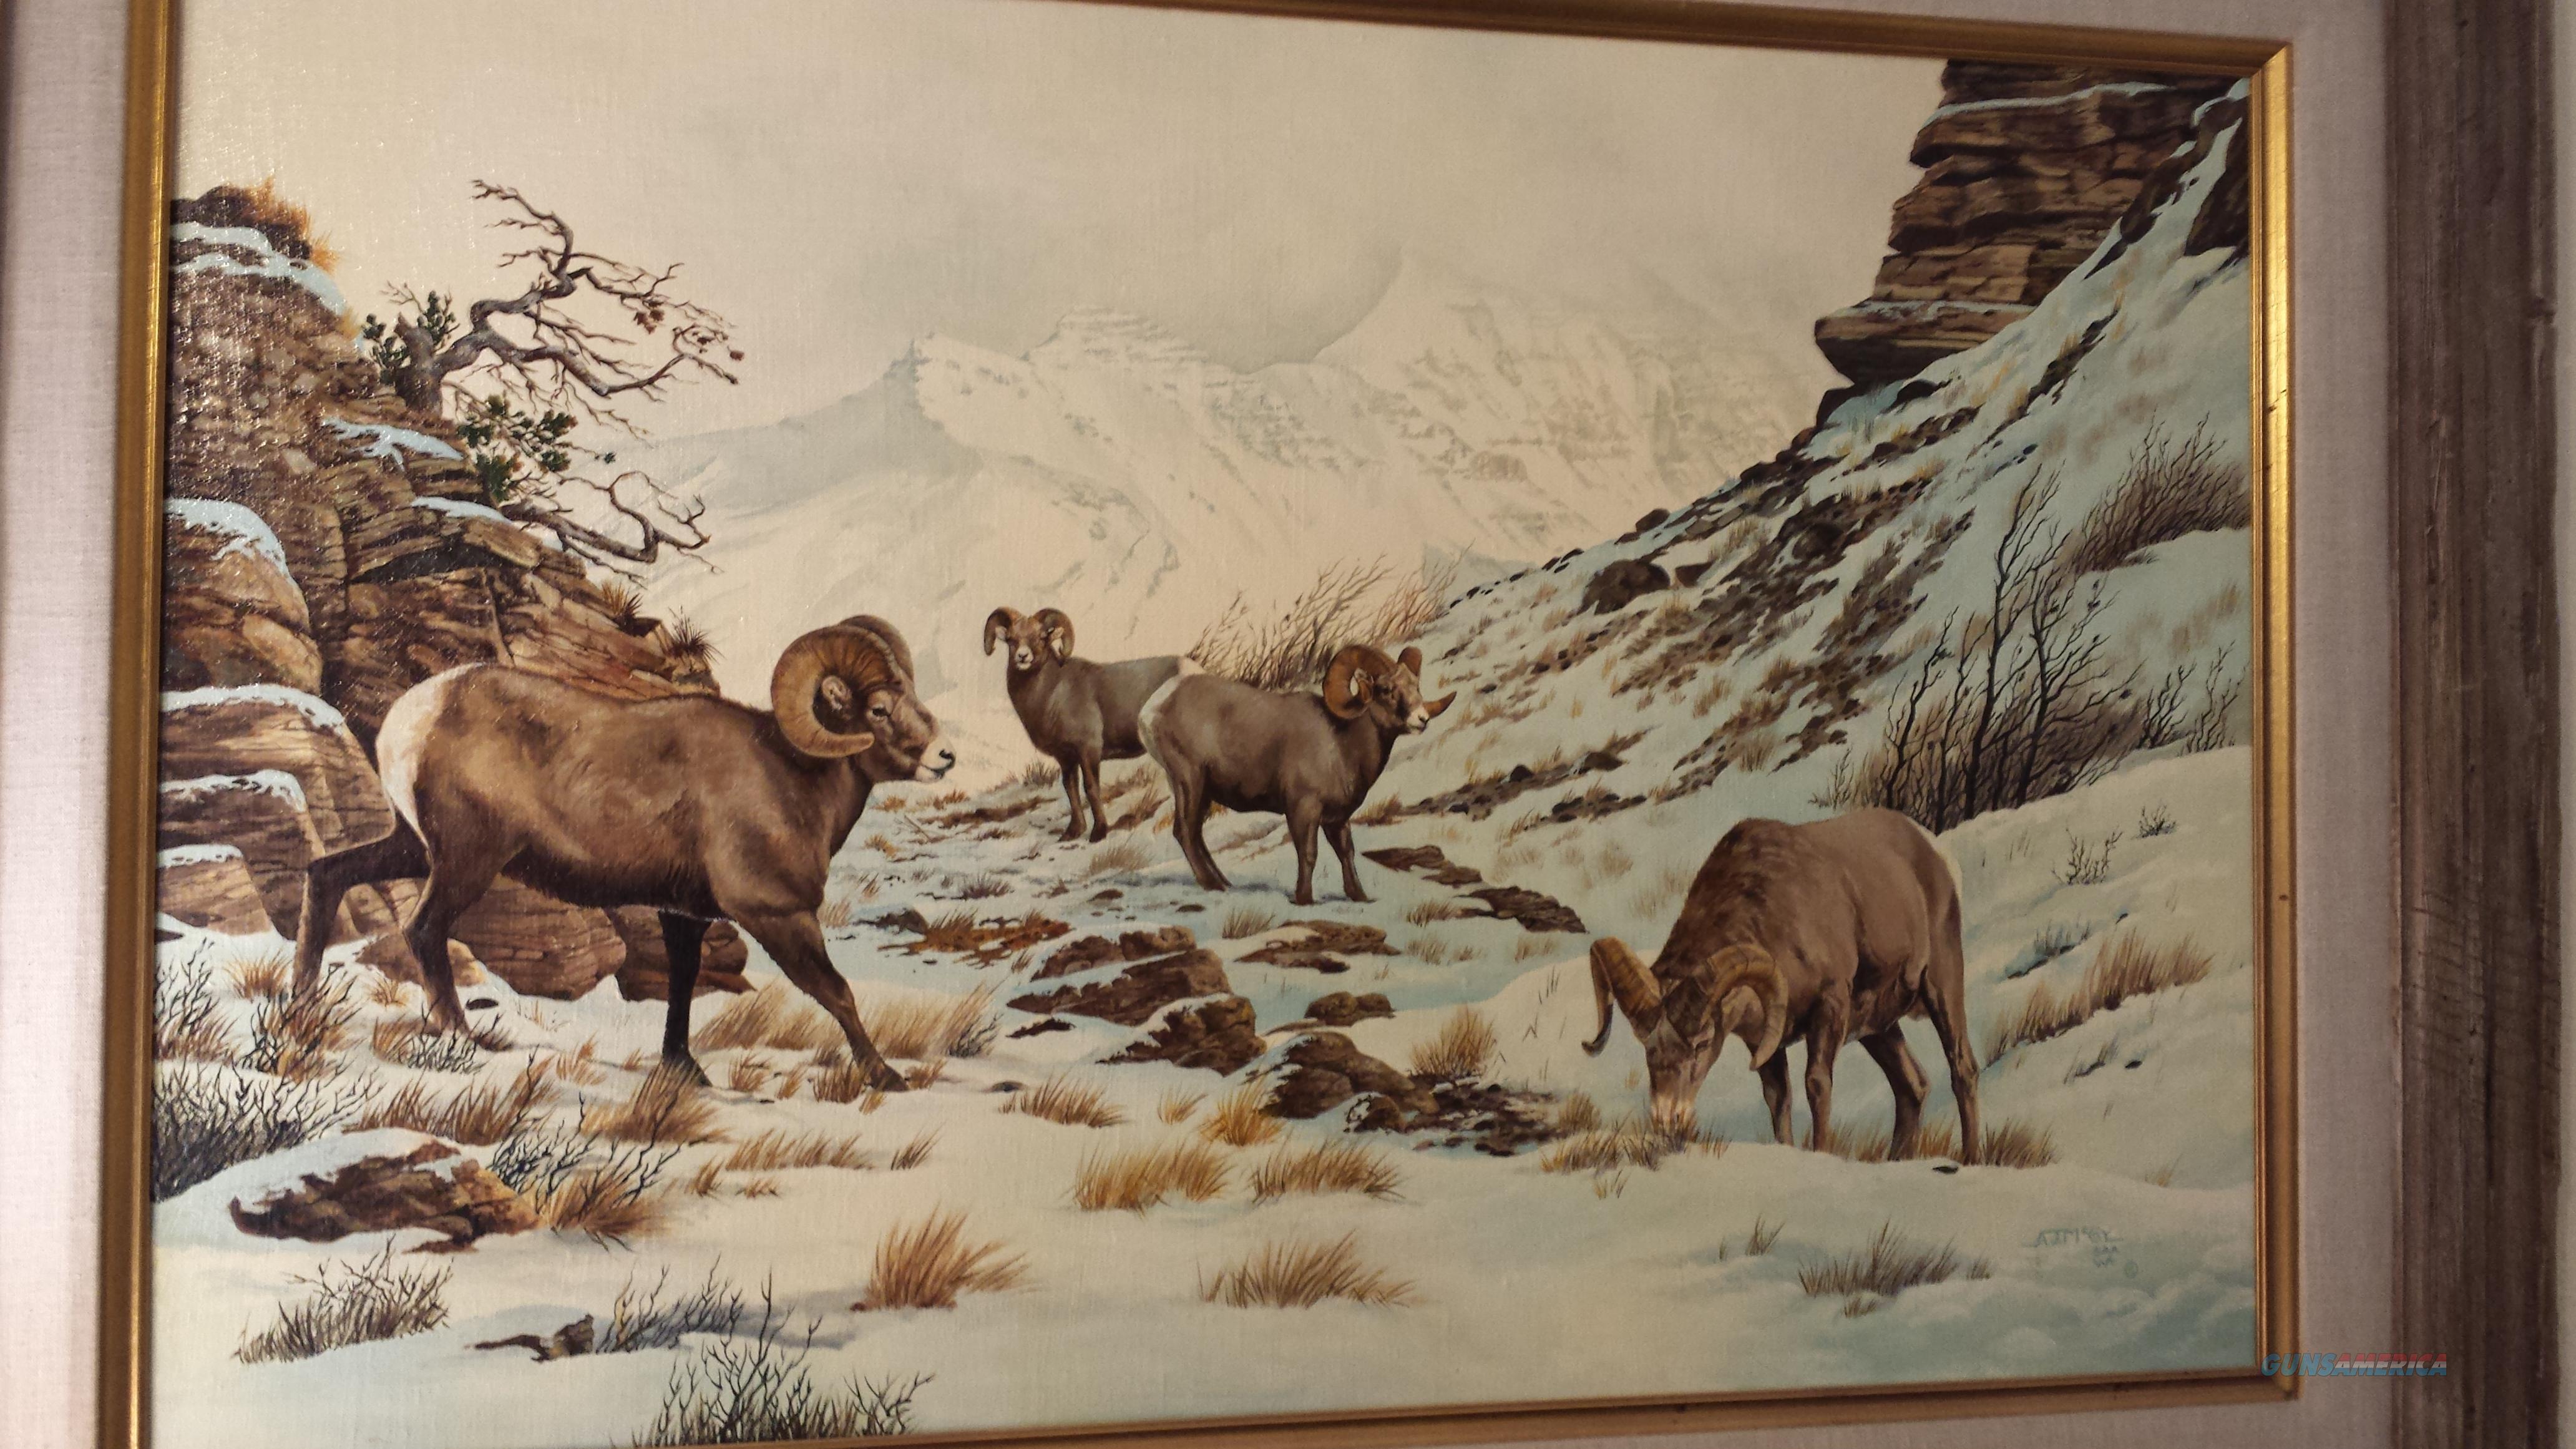 Original Oil Painting by AJ McCoy - Bighorn Sheep in a Snowy Mountain Pass  Non-Guns > Artwork